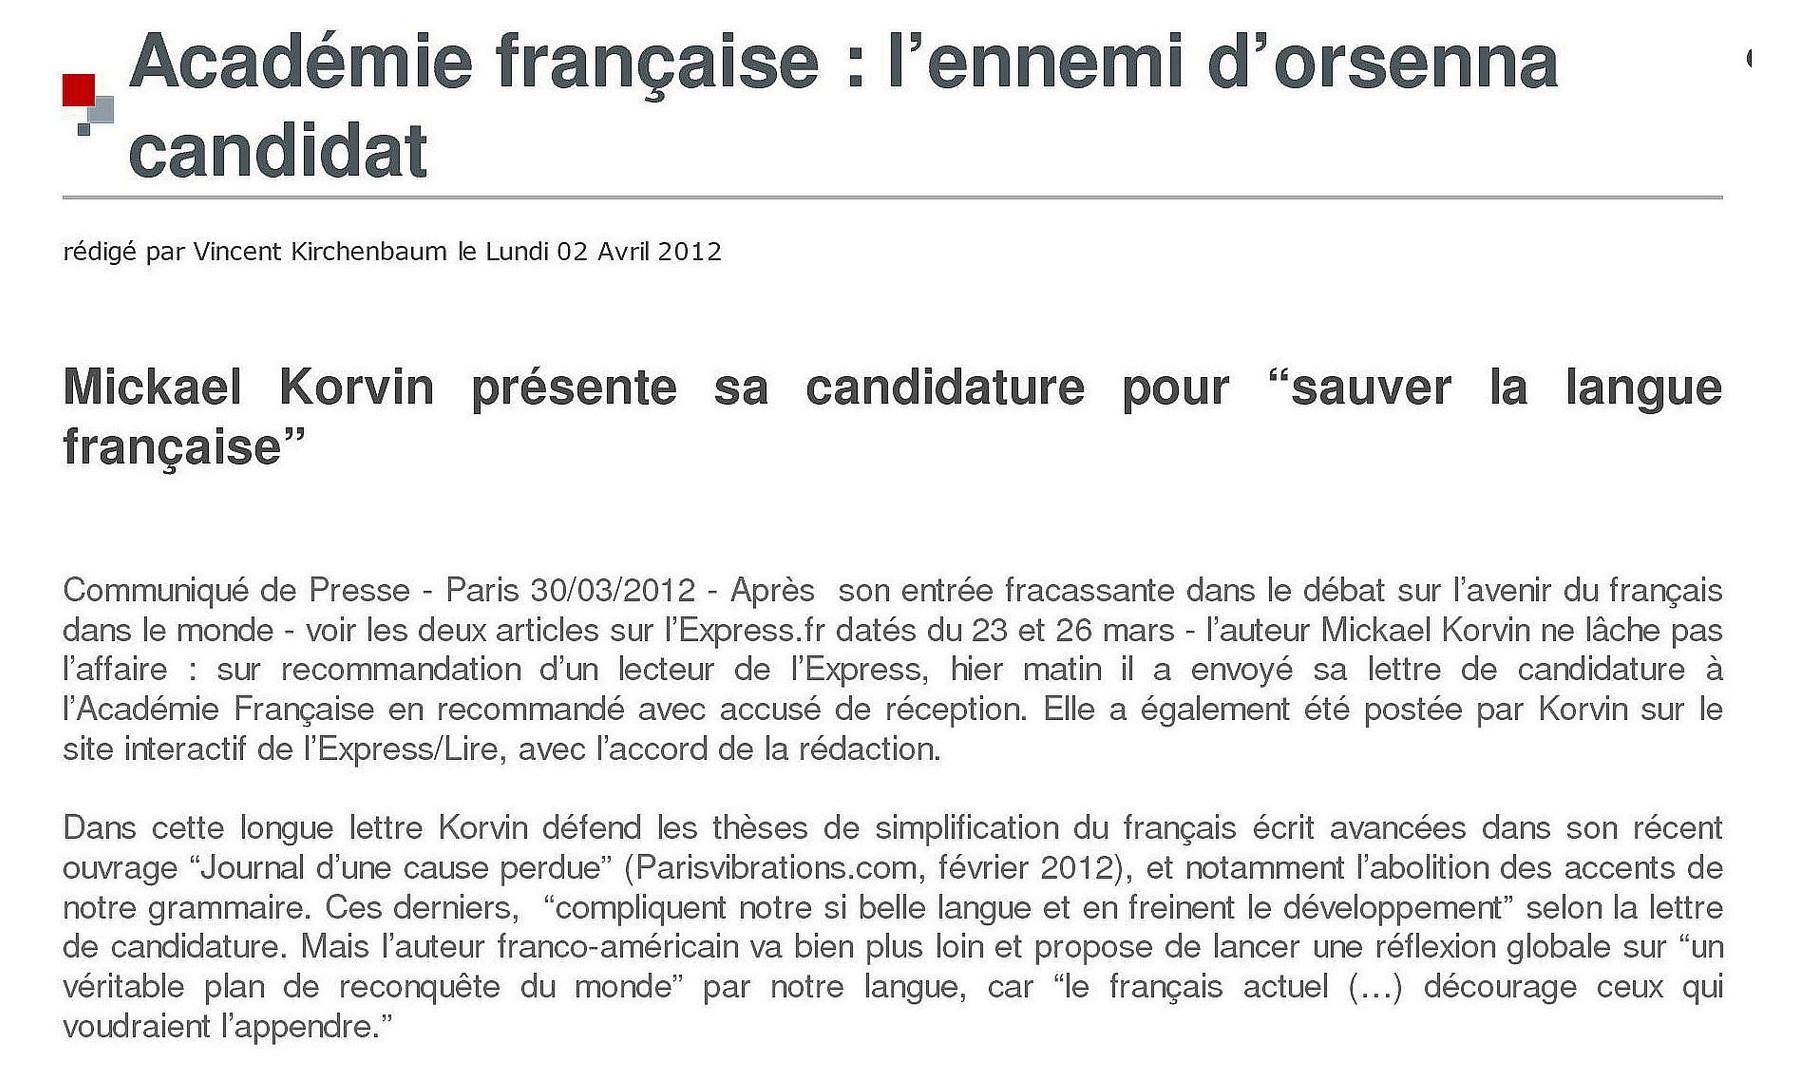 3 - Académie Française : L'ennemi d'Orsenna candidat